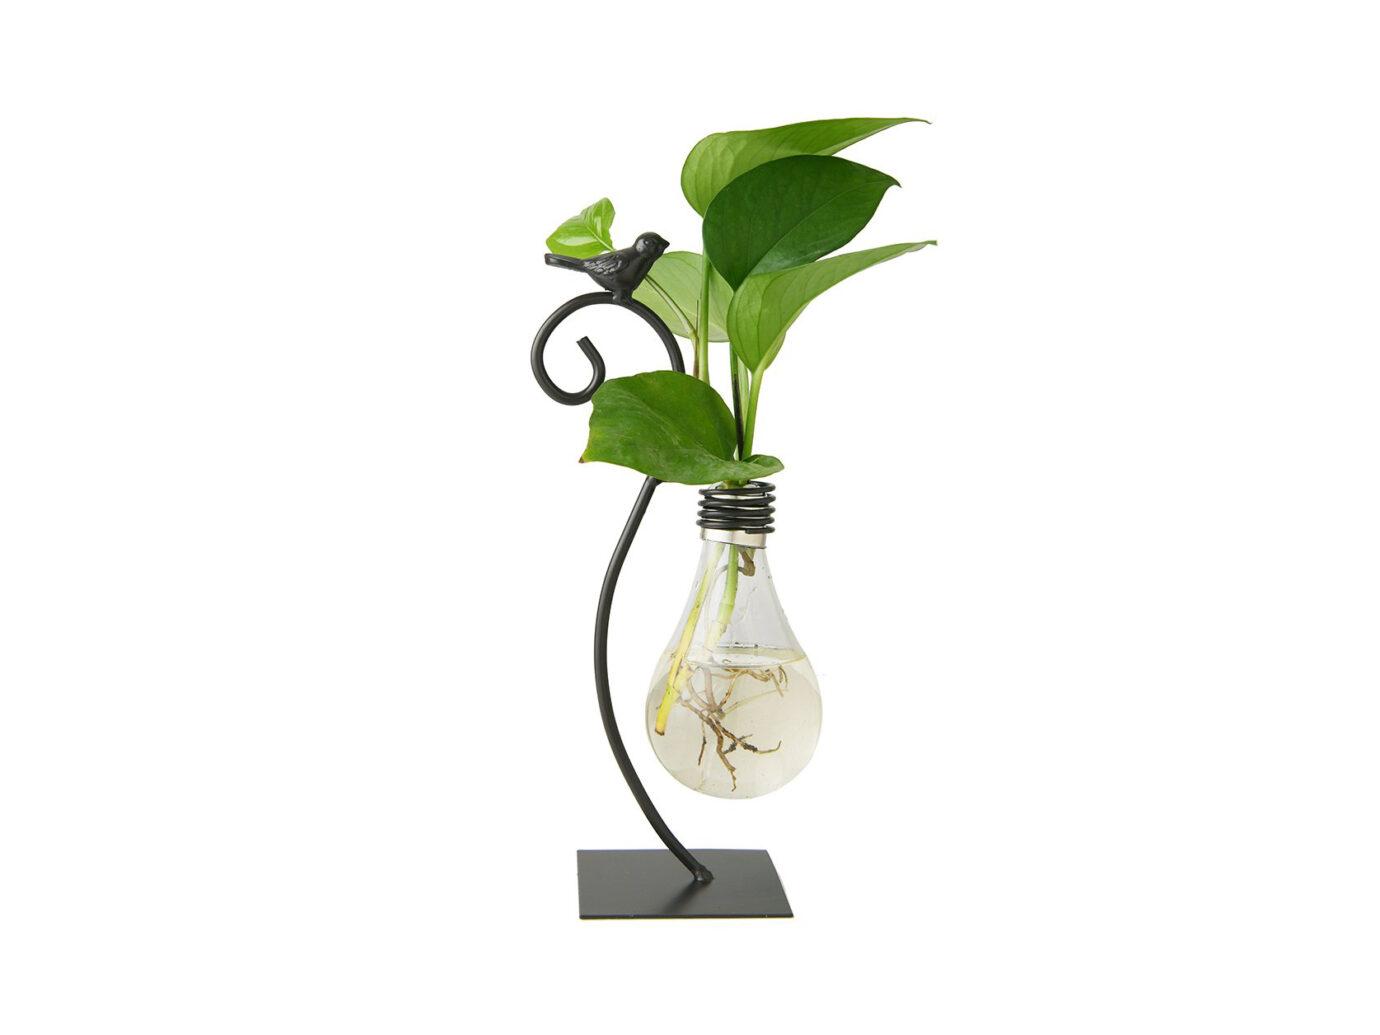 Marbrasse Desktop Glass Bulb Planter Vase